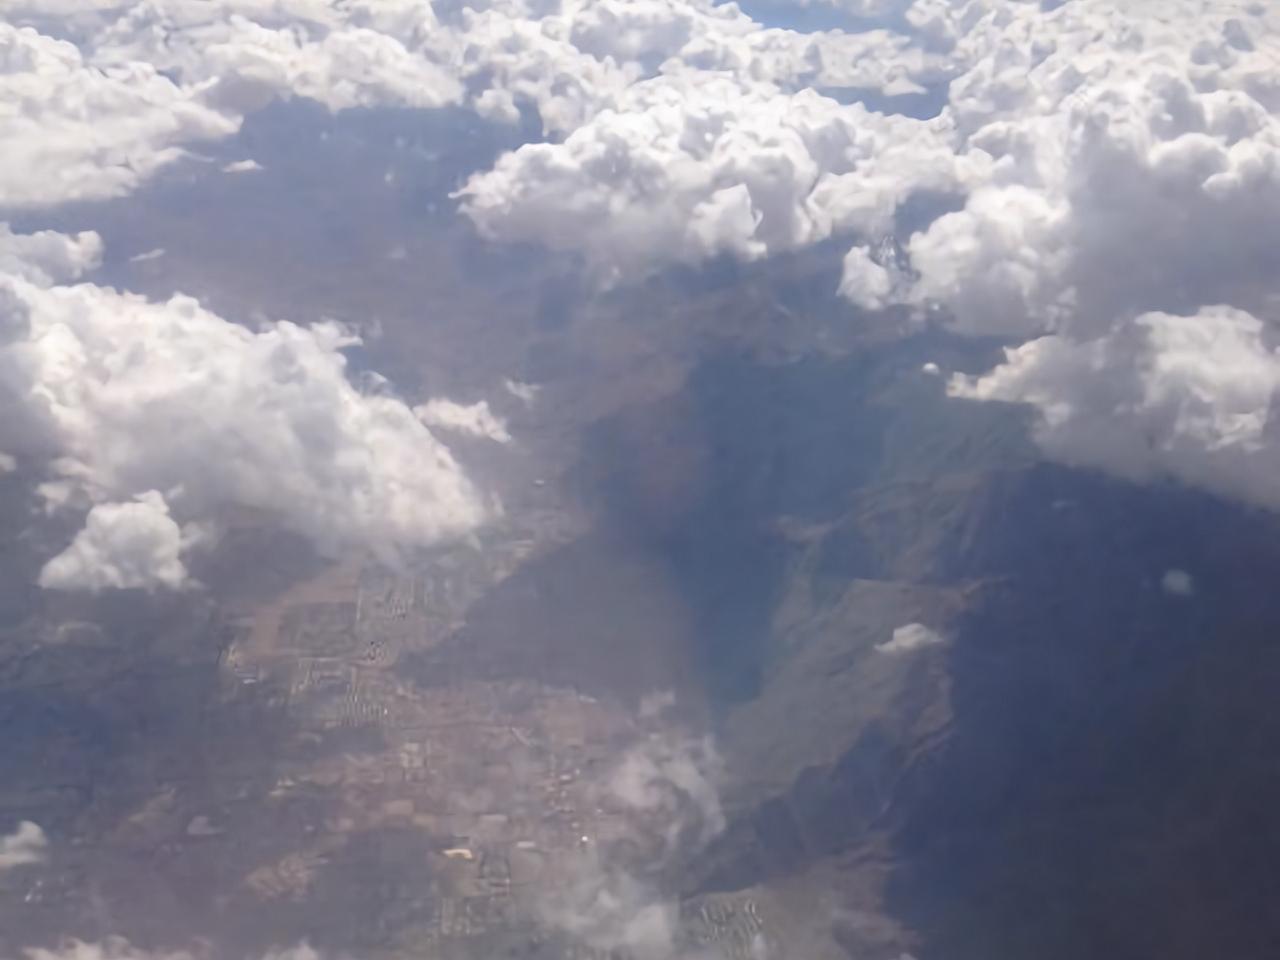 日本航空、デジタル変革の推進でハイブリッドクラウド基盤を構築